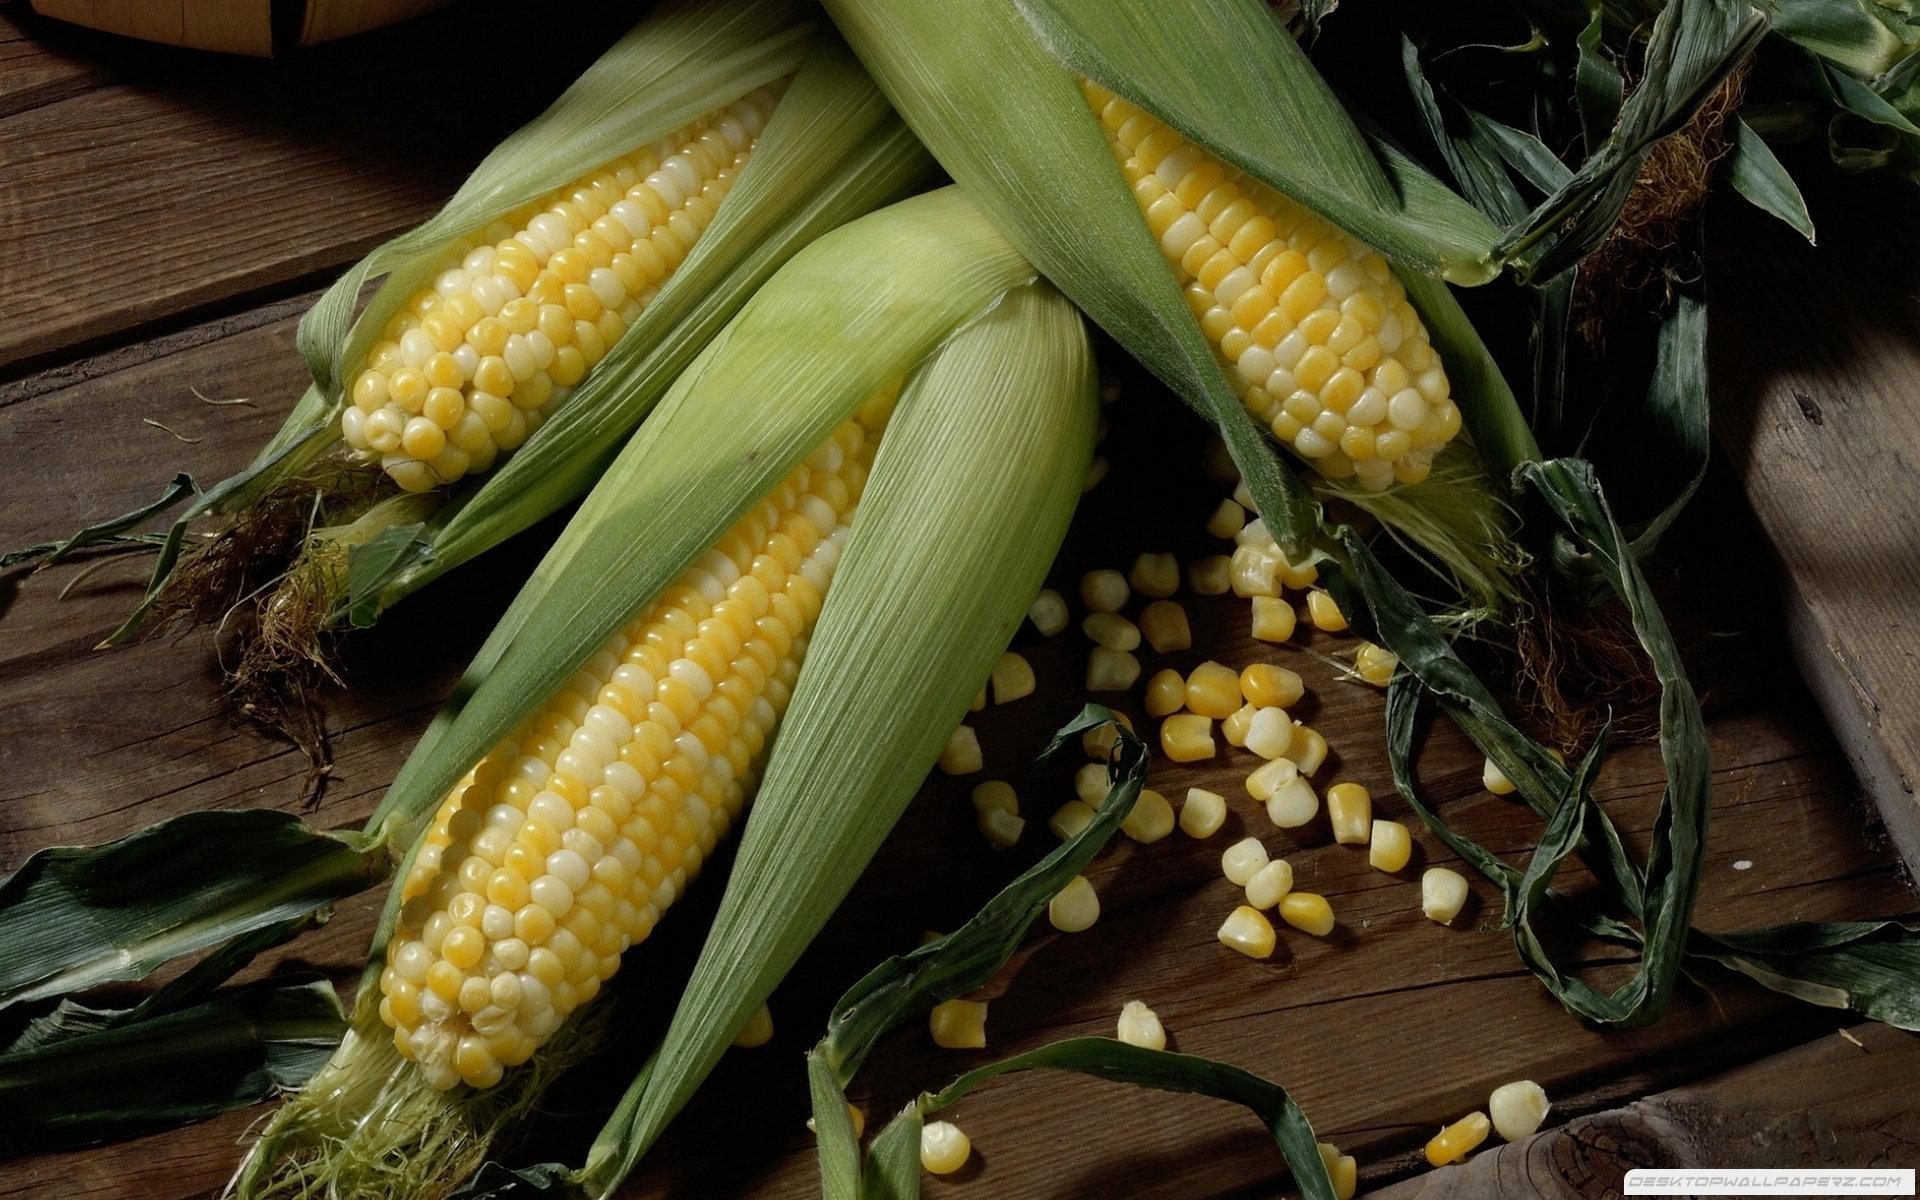 Corn 19201200 36496 HD Wallpaper Res 1920x1200 DesktopAScom 1920x1200